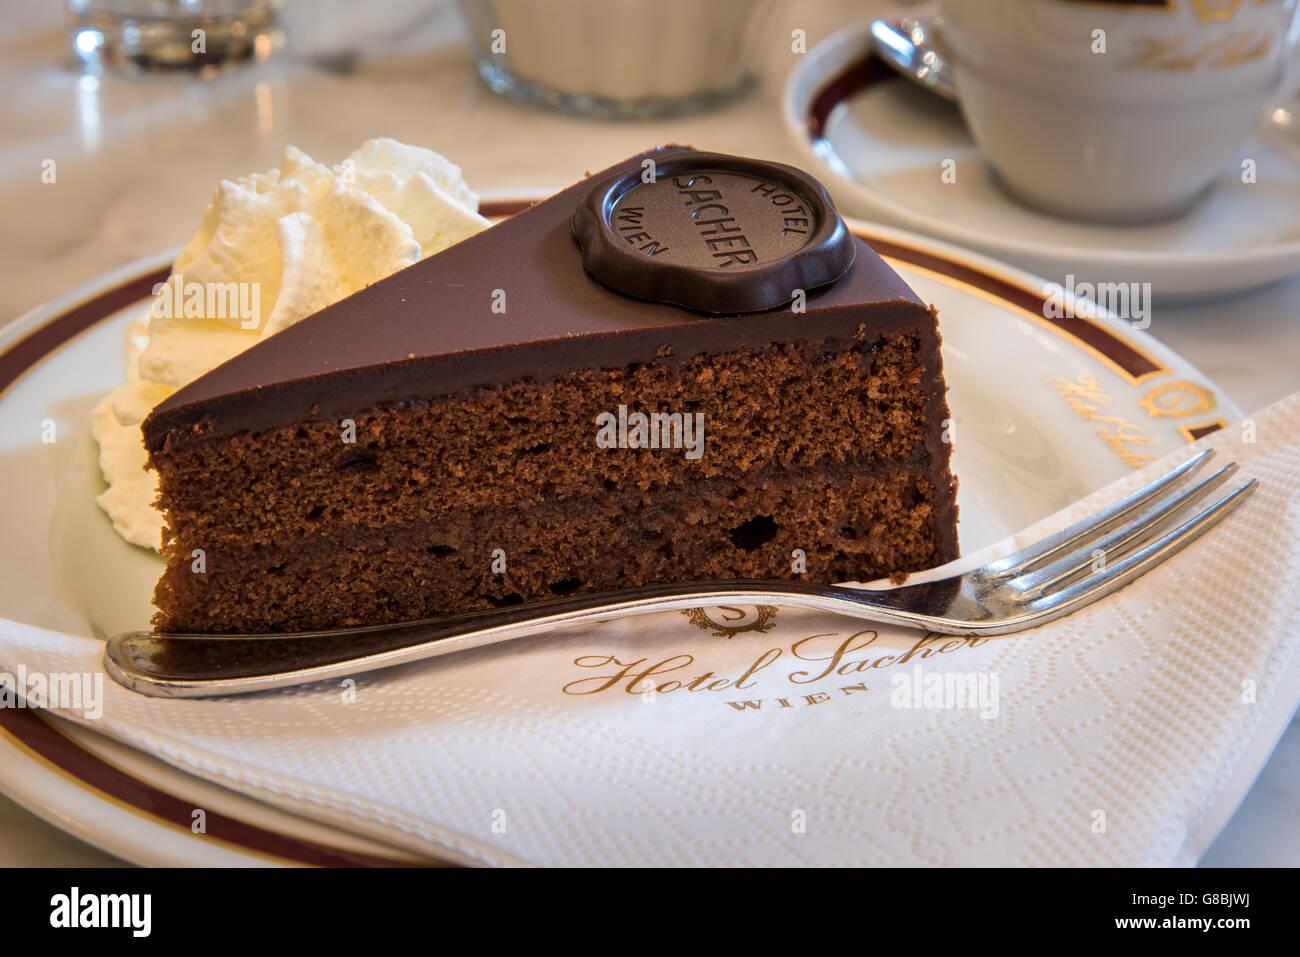 Le gâteau au chocolat Sachertorte original servi au Café Sacher, l'hôtel Sacher, à Vienne, Photo Stock